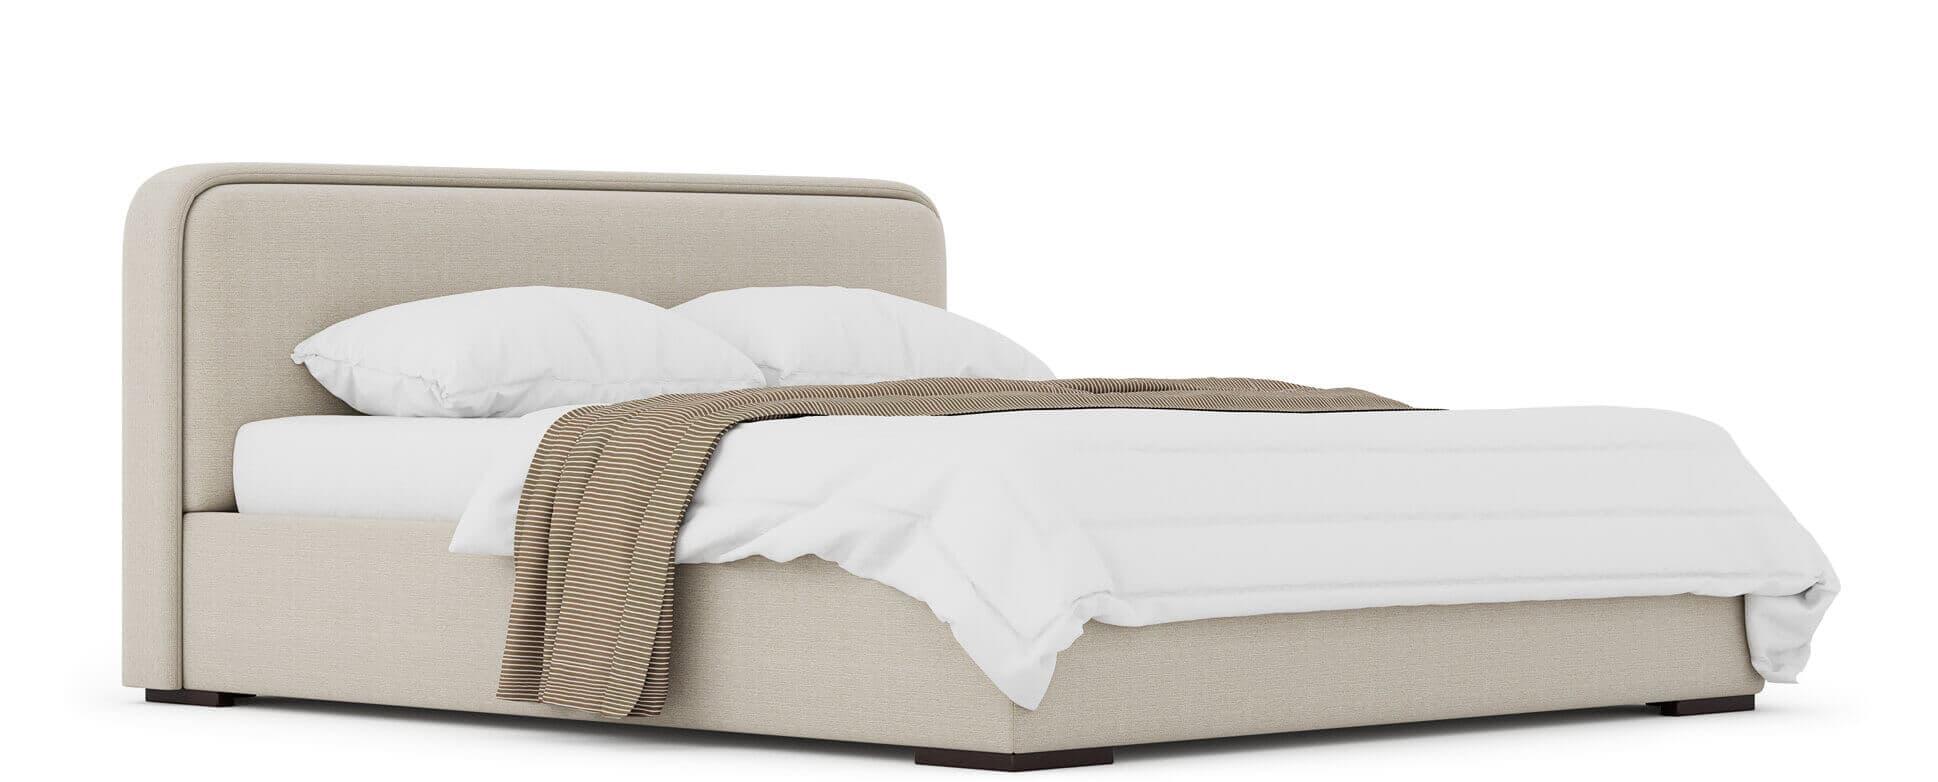 Ліжка (Запоріжжя) на замовлення від виробника - Delavega